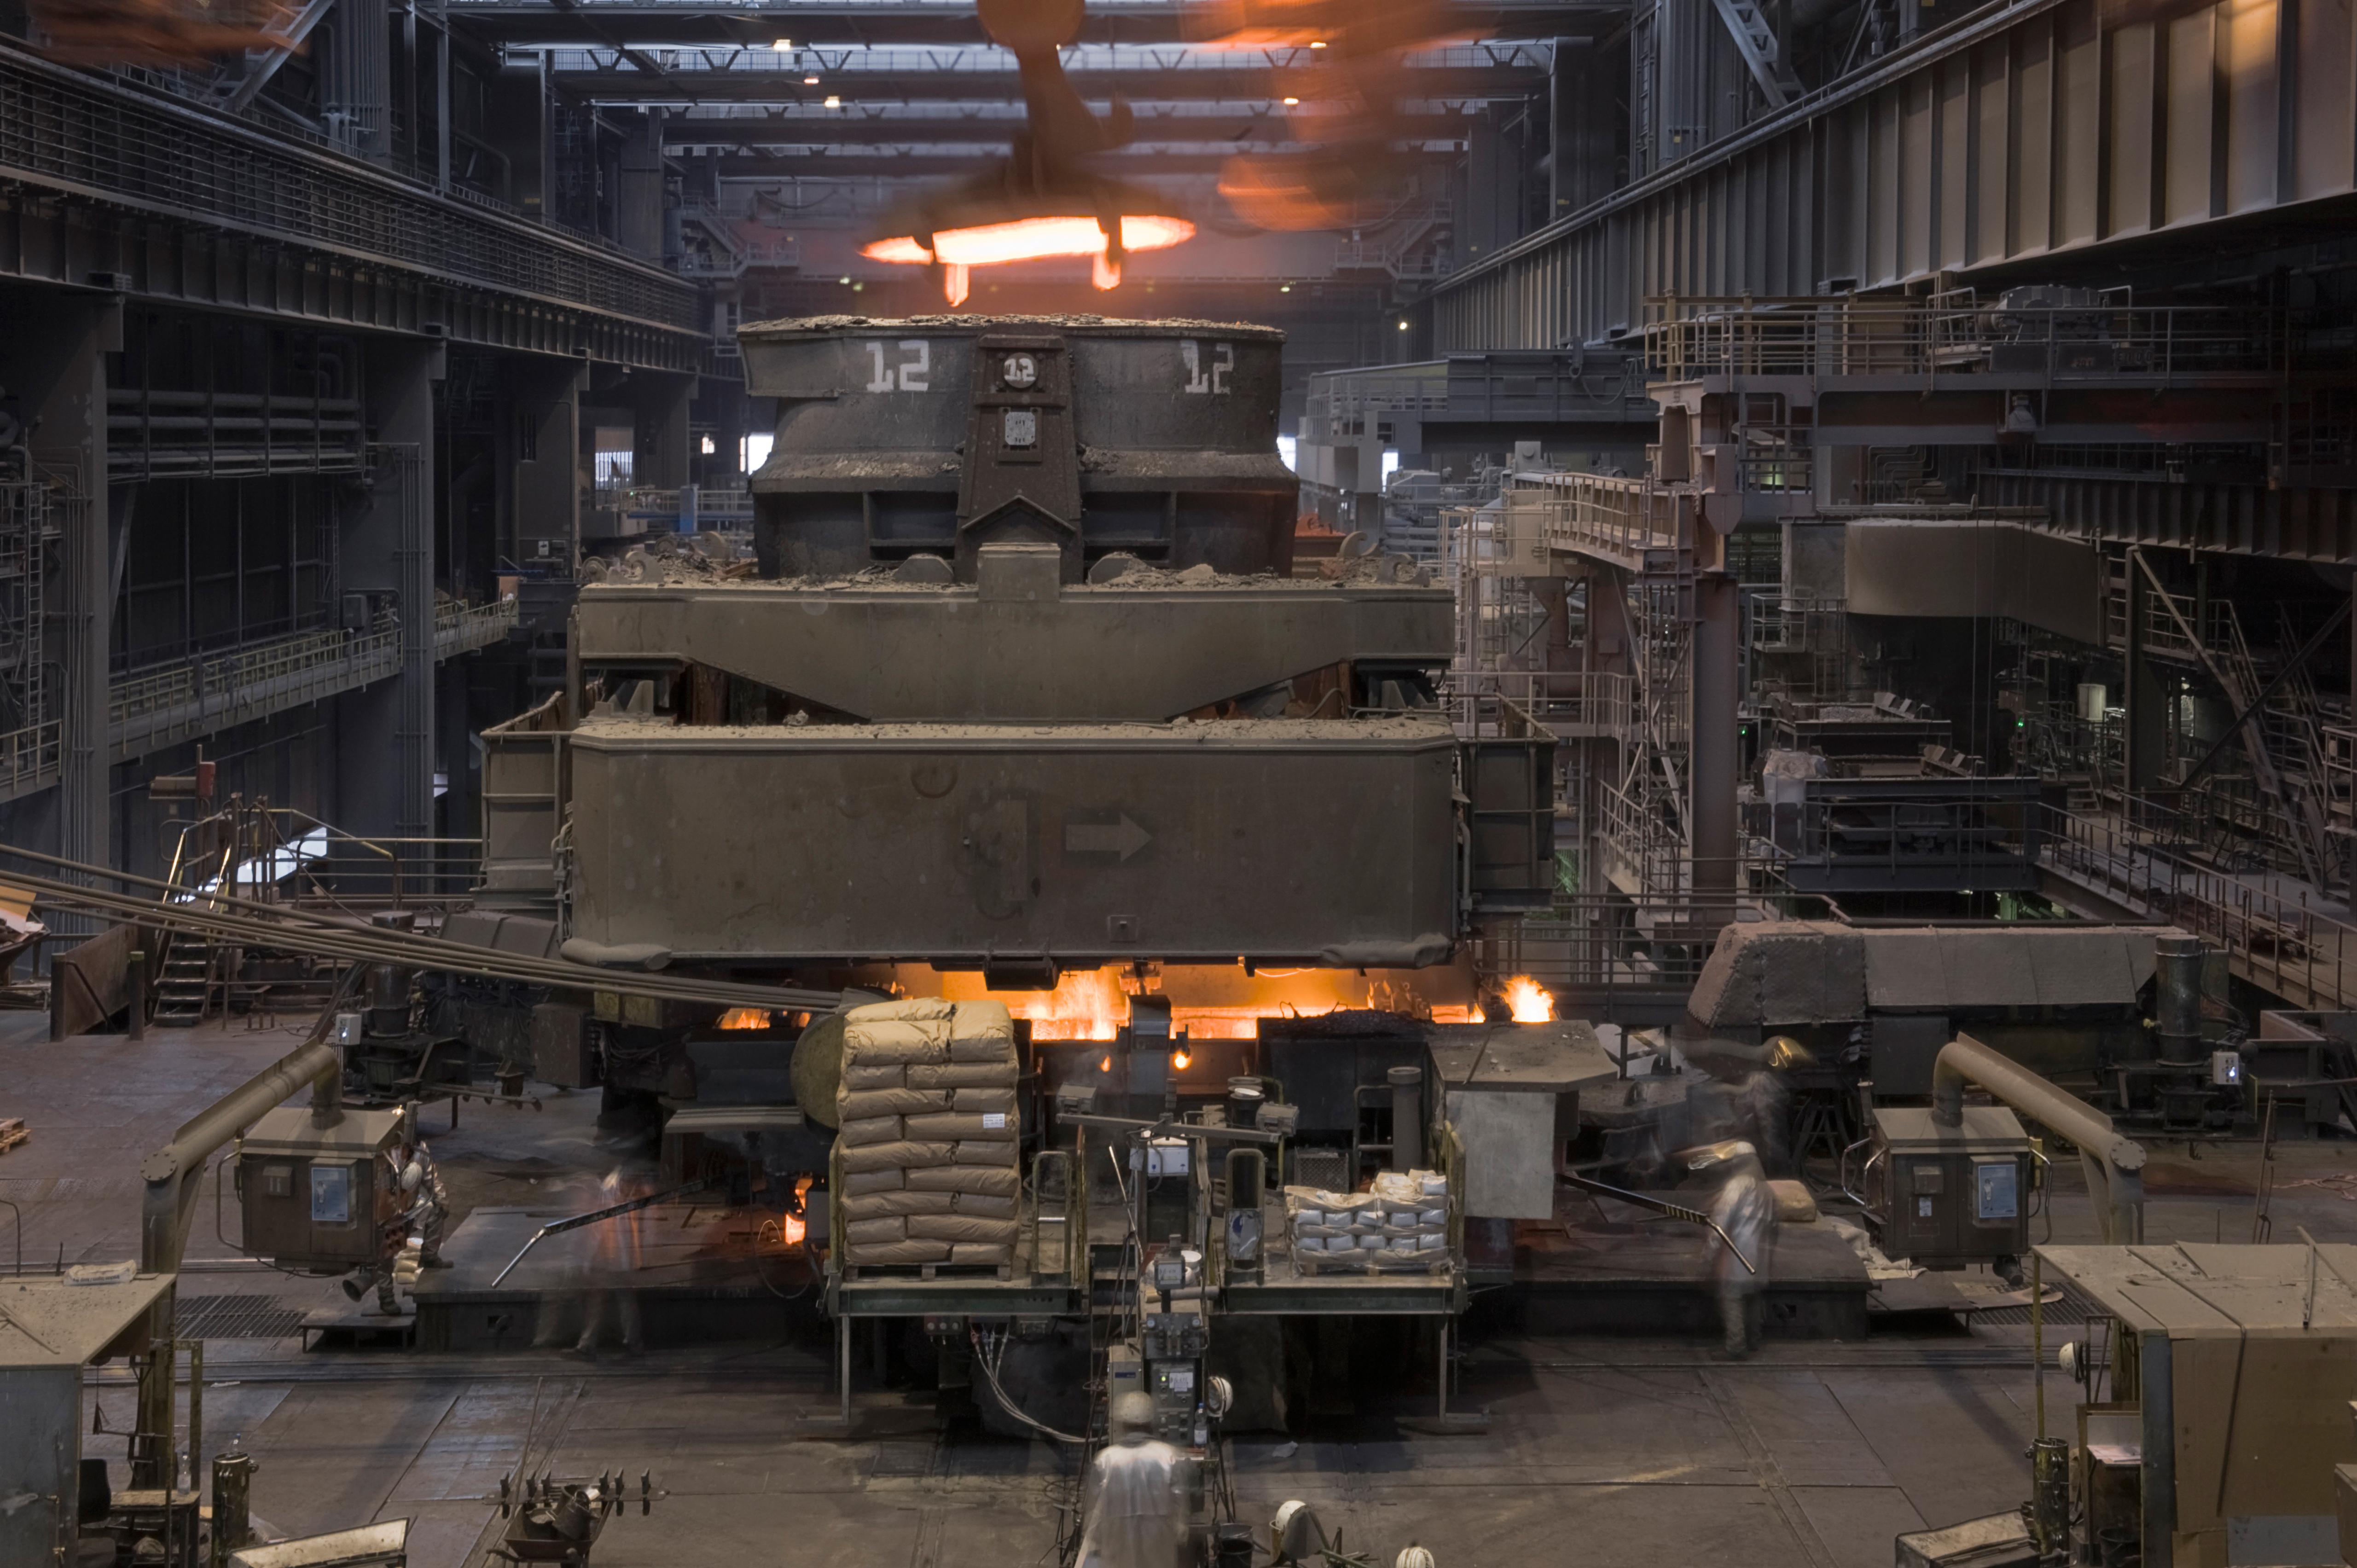 Thyssenkrupp Steel Europe Investing 90 Million Euros In